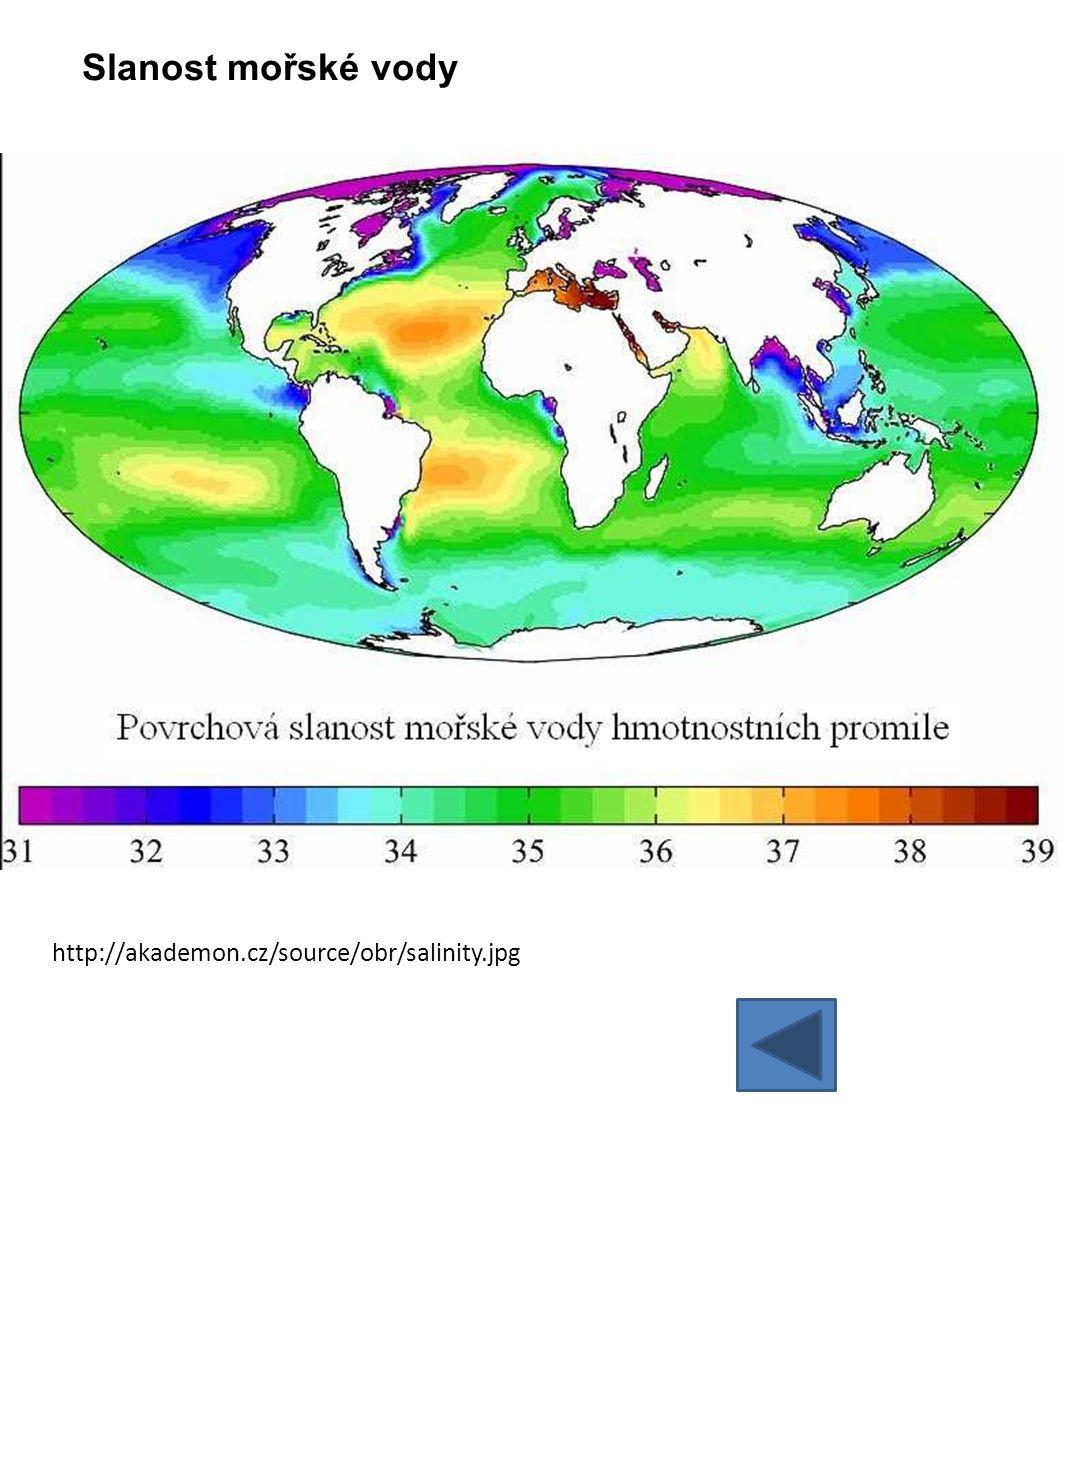 http://n2studio.mzf.cz/upload/clanky/golfsk%C3%BD02golf.jpg Golfský proud Golfský proud ovlivňuje podnebí východního pobřeží Severní Ameriky od Floridy po Newfoundland a západního pobřeží Evropy.